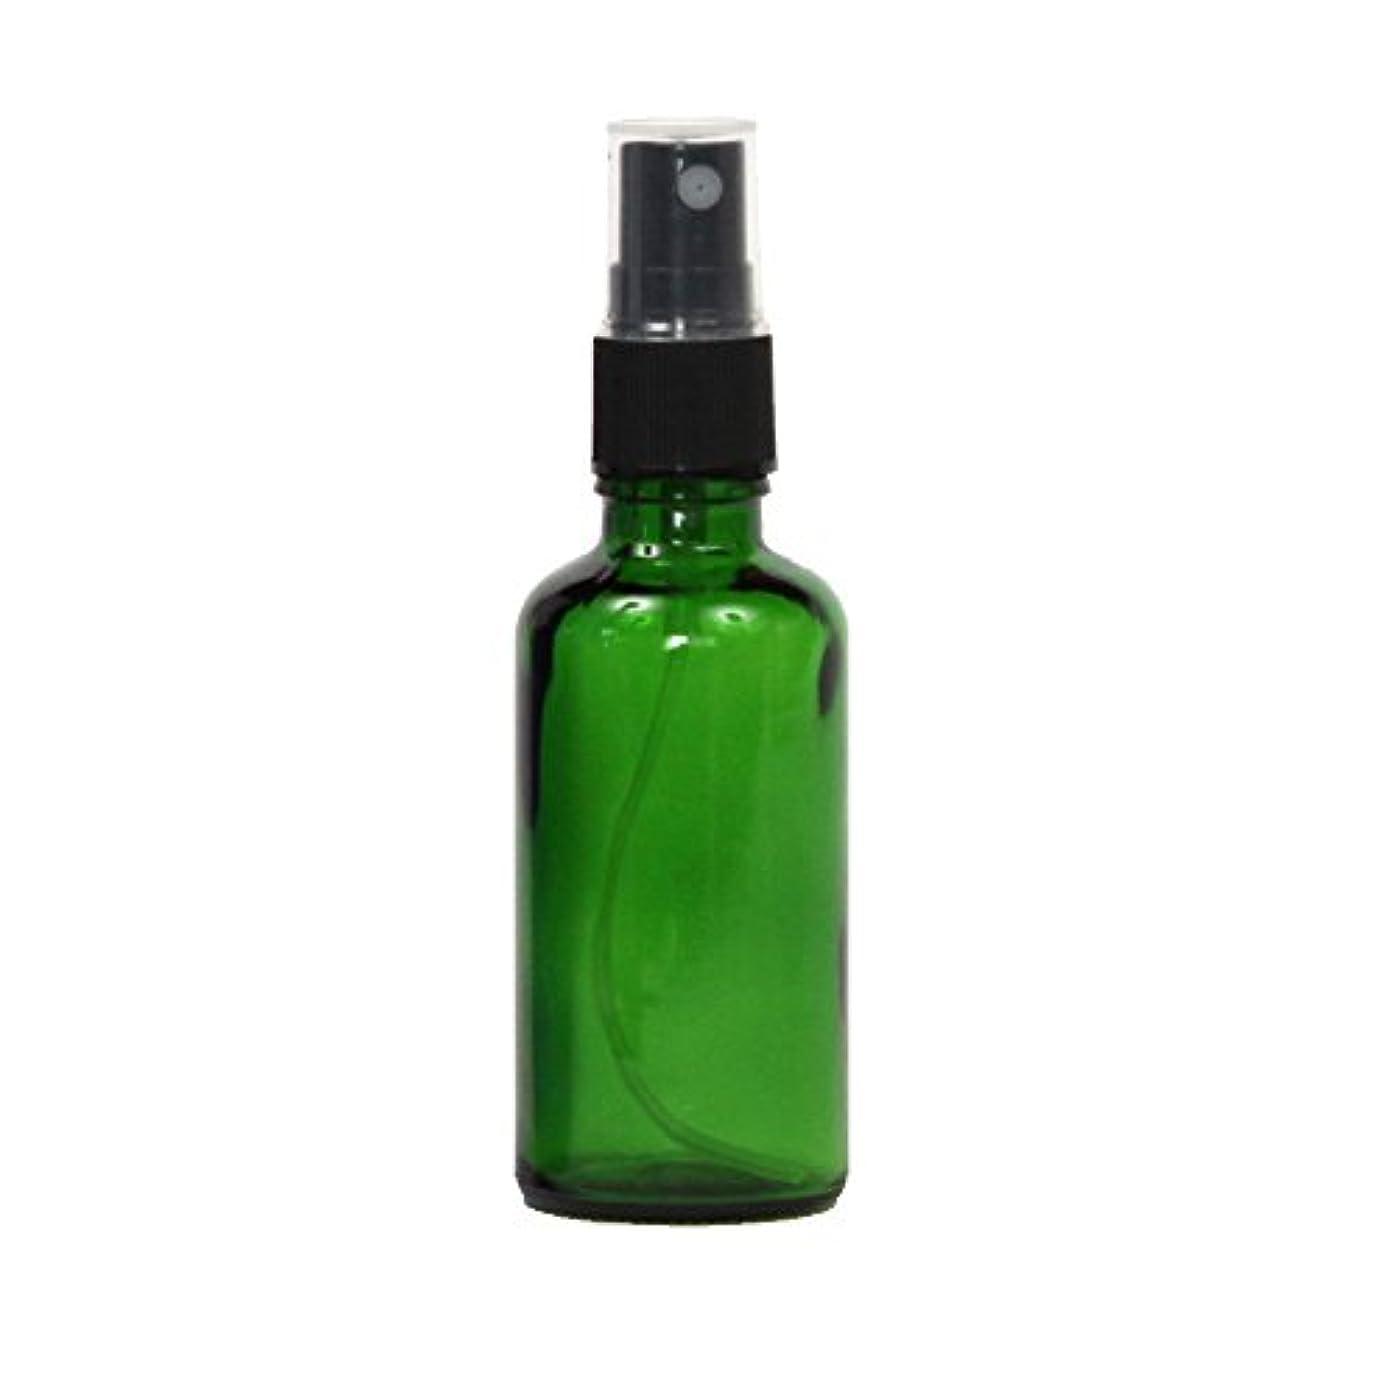 アジャ生物学クロニクルスプレーボトル容器 ガラス瓶 50mL 遮光性グリーン ガラスアトマイザー 空容器gr50g